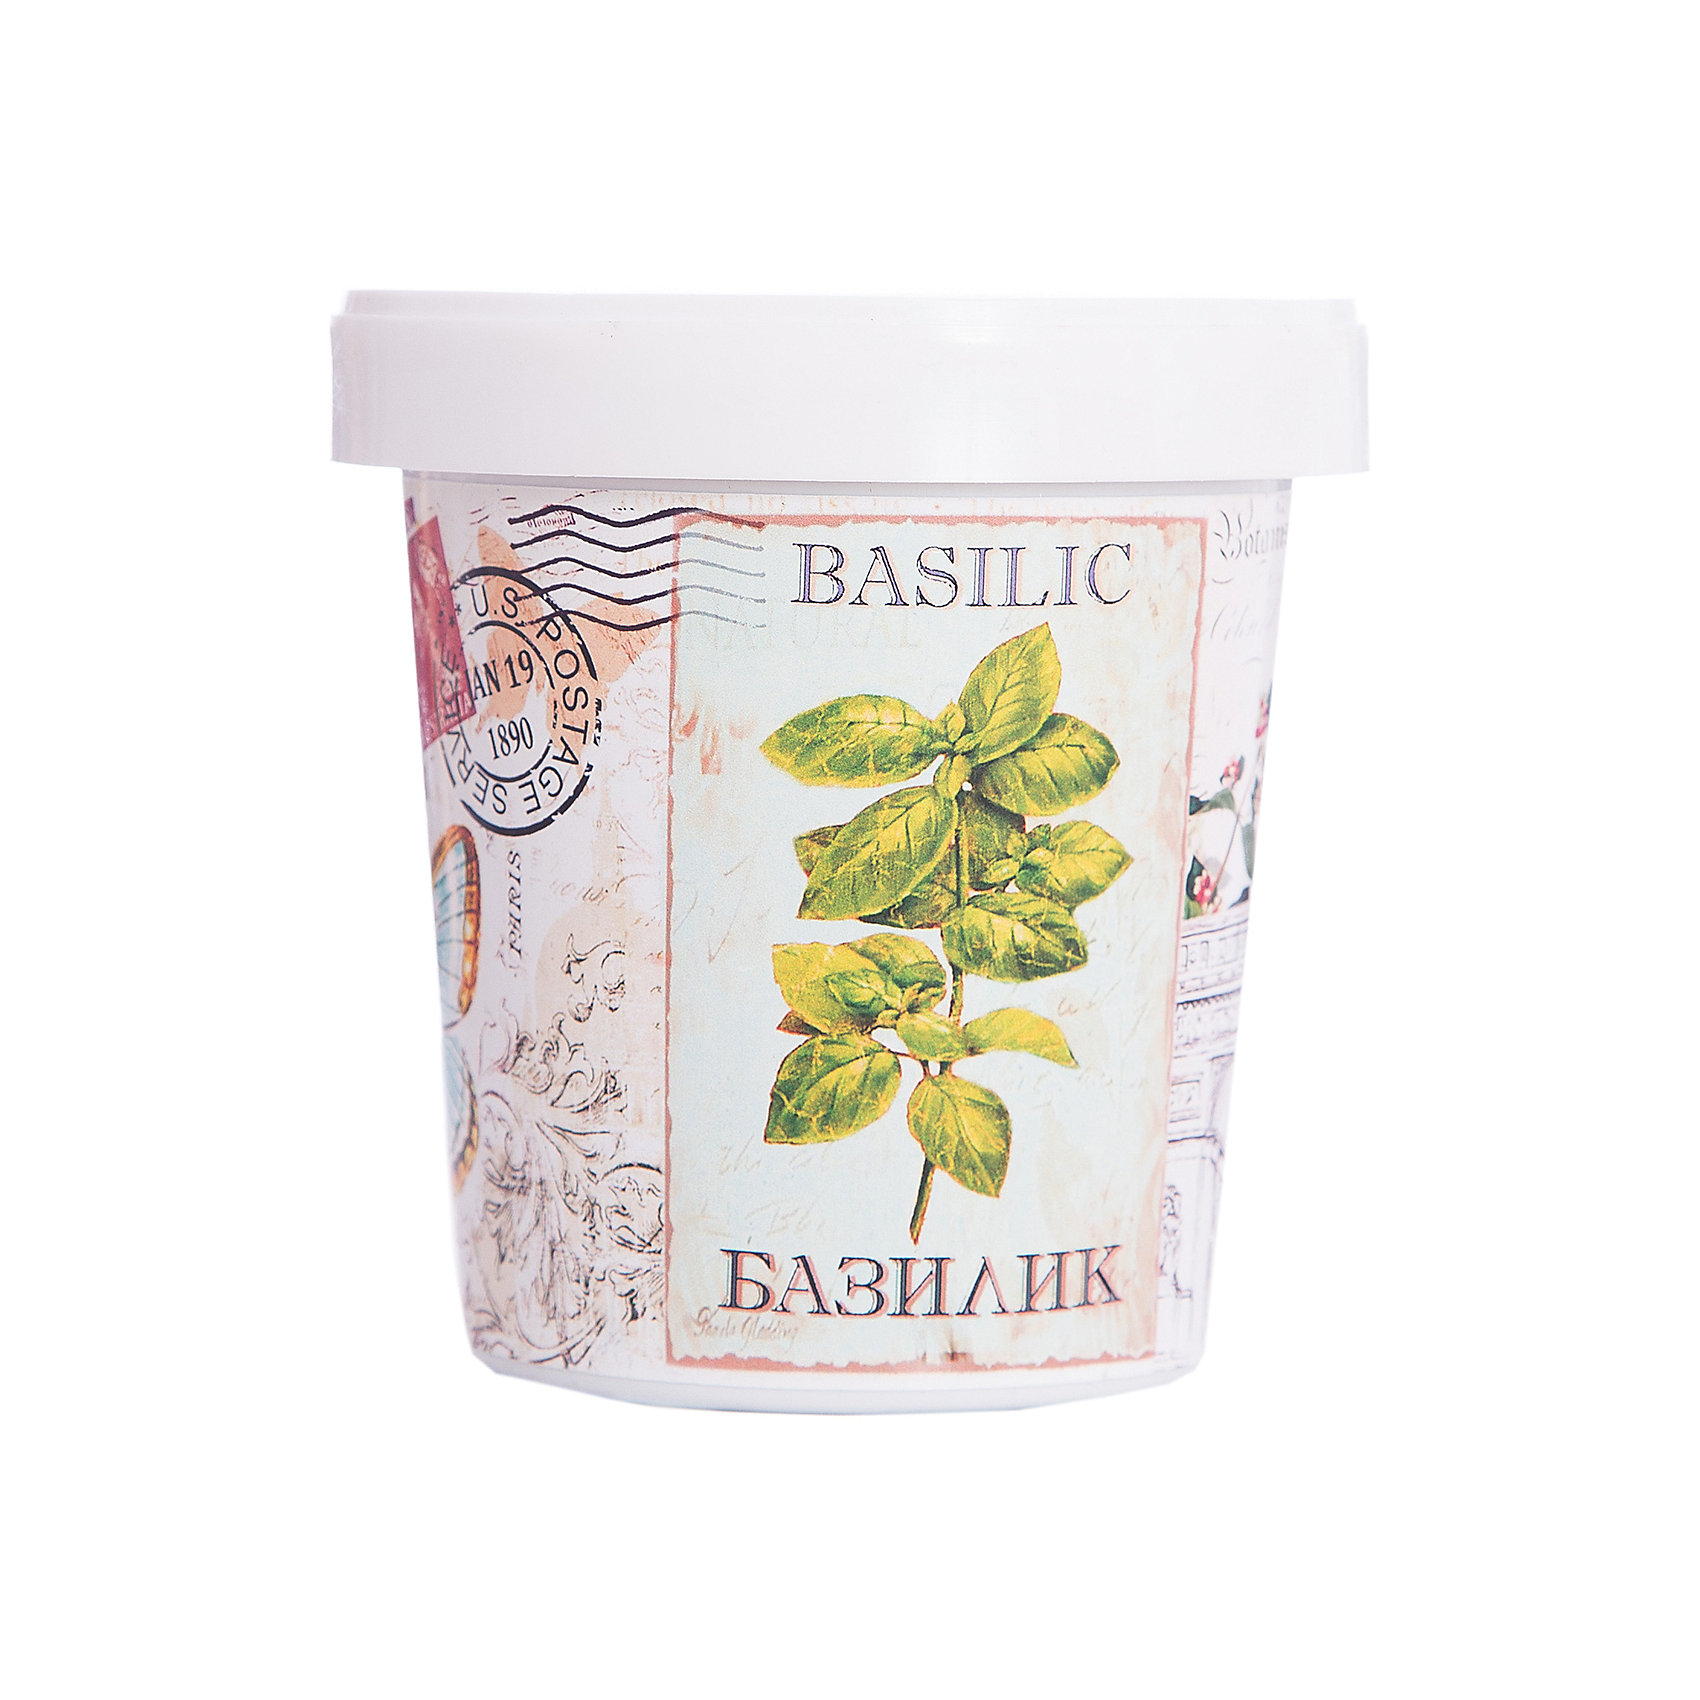 Набор для выращивания Базилик Rostok VisaНаборы для выращивания растений<br>Базилик, Бумбарам.<br><br>Характеристики:<br><br>• вы сможете выращивать растения у себя дома<br>• экологически чистая продукция<br>• не содержит химикаты<br>• отличная всхожесть<br>• приятный дизайн<br>• в комплекте: горшочек, пакет с семенами, грунт, инструкция<br>• размер упаковки: 7,5х7,5х12 см<br>• вес: 275 грамм<br><br>Если вы хотите продлить дачный сезон, то набор Базилик отлично подойдет вам! С его помощью вы сможете вырастить базилик в домашних условиях. Продукция качественная и экологически чистая, что гарантирует высокую всхожесть. Подробная инструкция расскажет как правильно ухаживать за растением. Готовое растение можно использовать при приготовлении блюд. Прекрасный подарок любителям садоводства!<br><br>Набор Базилик, Бумбарам можно купить в нашем интернет-магазине.<br><br>Ширина мм: 120<br>Глубина мм: 75<br>Высота мм: 75<br>Вес г: 267<br>Возраст от месяцев: 168<br>Возраст до месяцев: 240<br>Пол: Унисекс<br>Возраст: Детский<br>SKU: 5053989